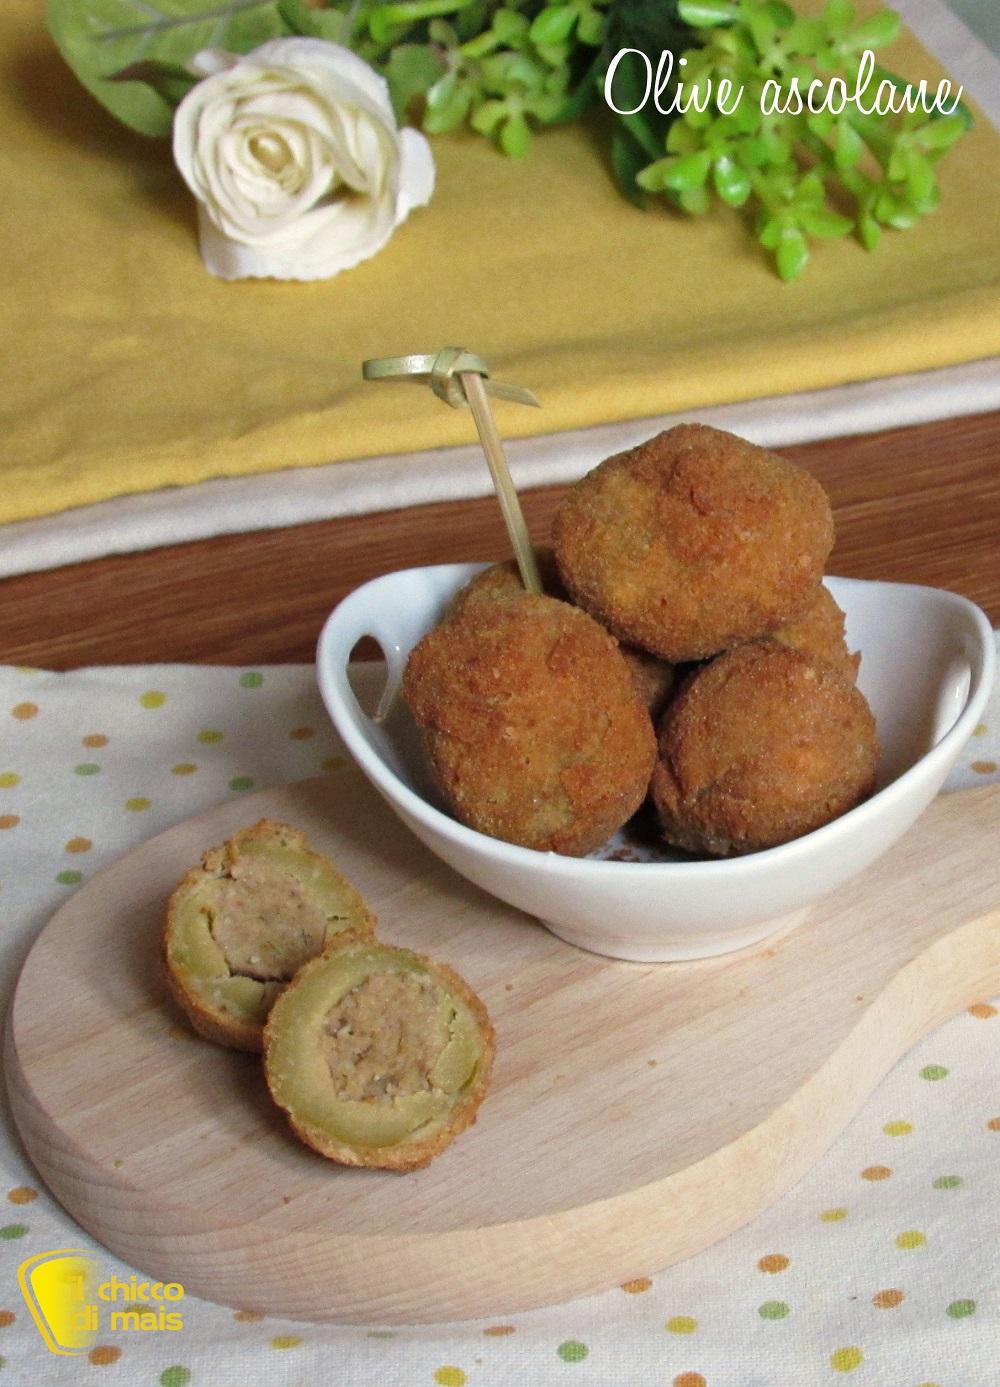 verticale_olive ascolane ricetta originale marchigiana anche senza glutine il chicco di mais